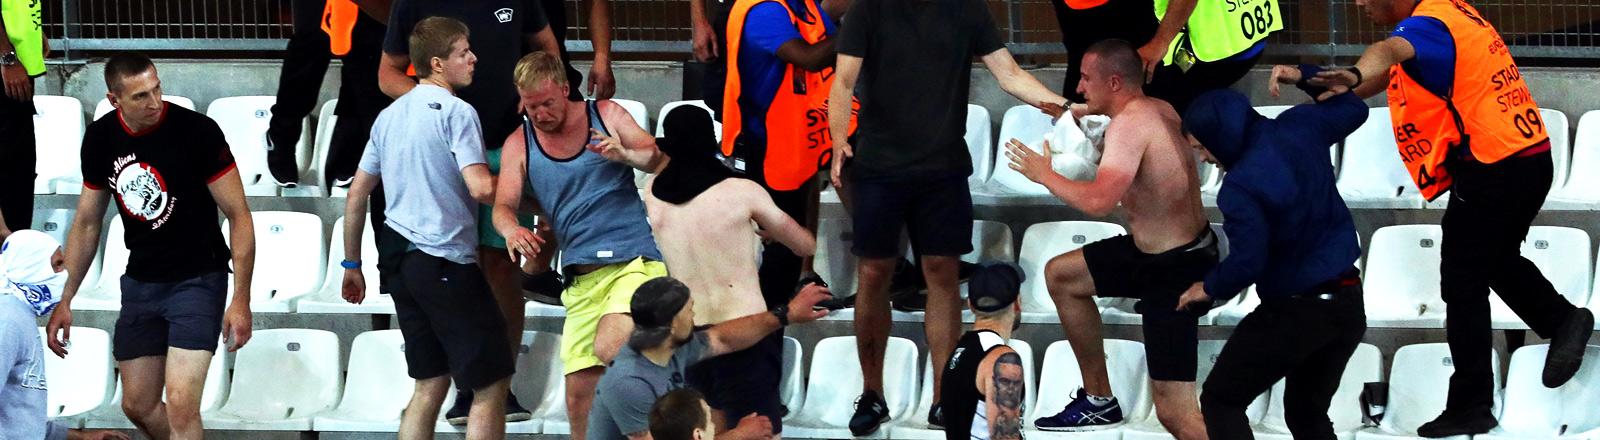 Englische und Russische Hooligans prügeln sich auf der Tribüne bei der EM.